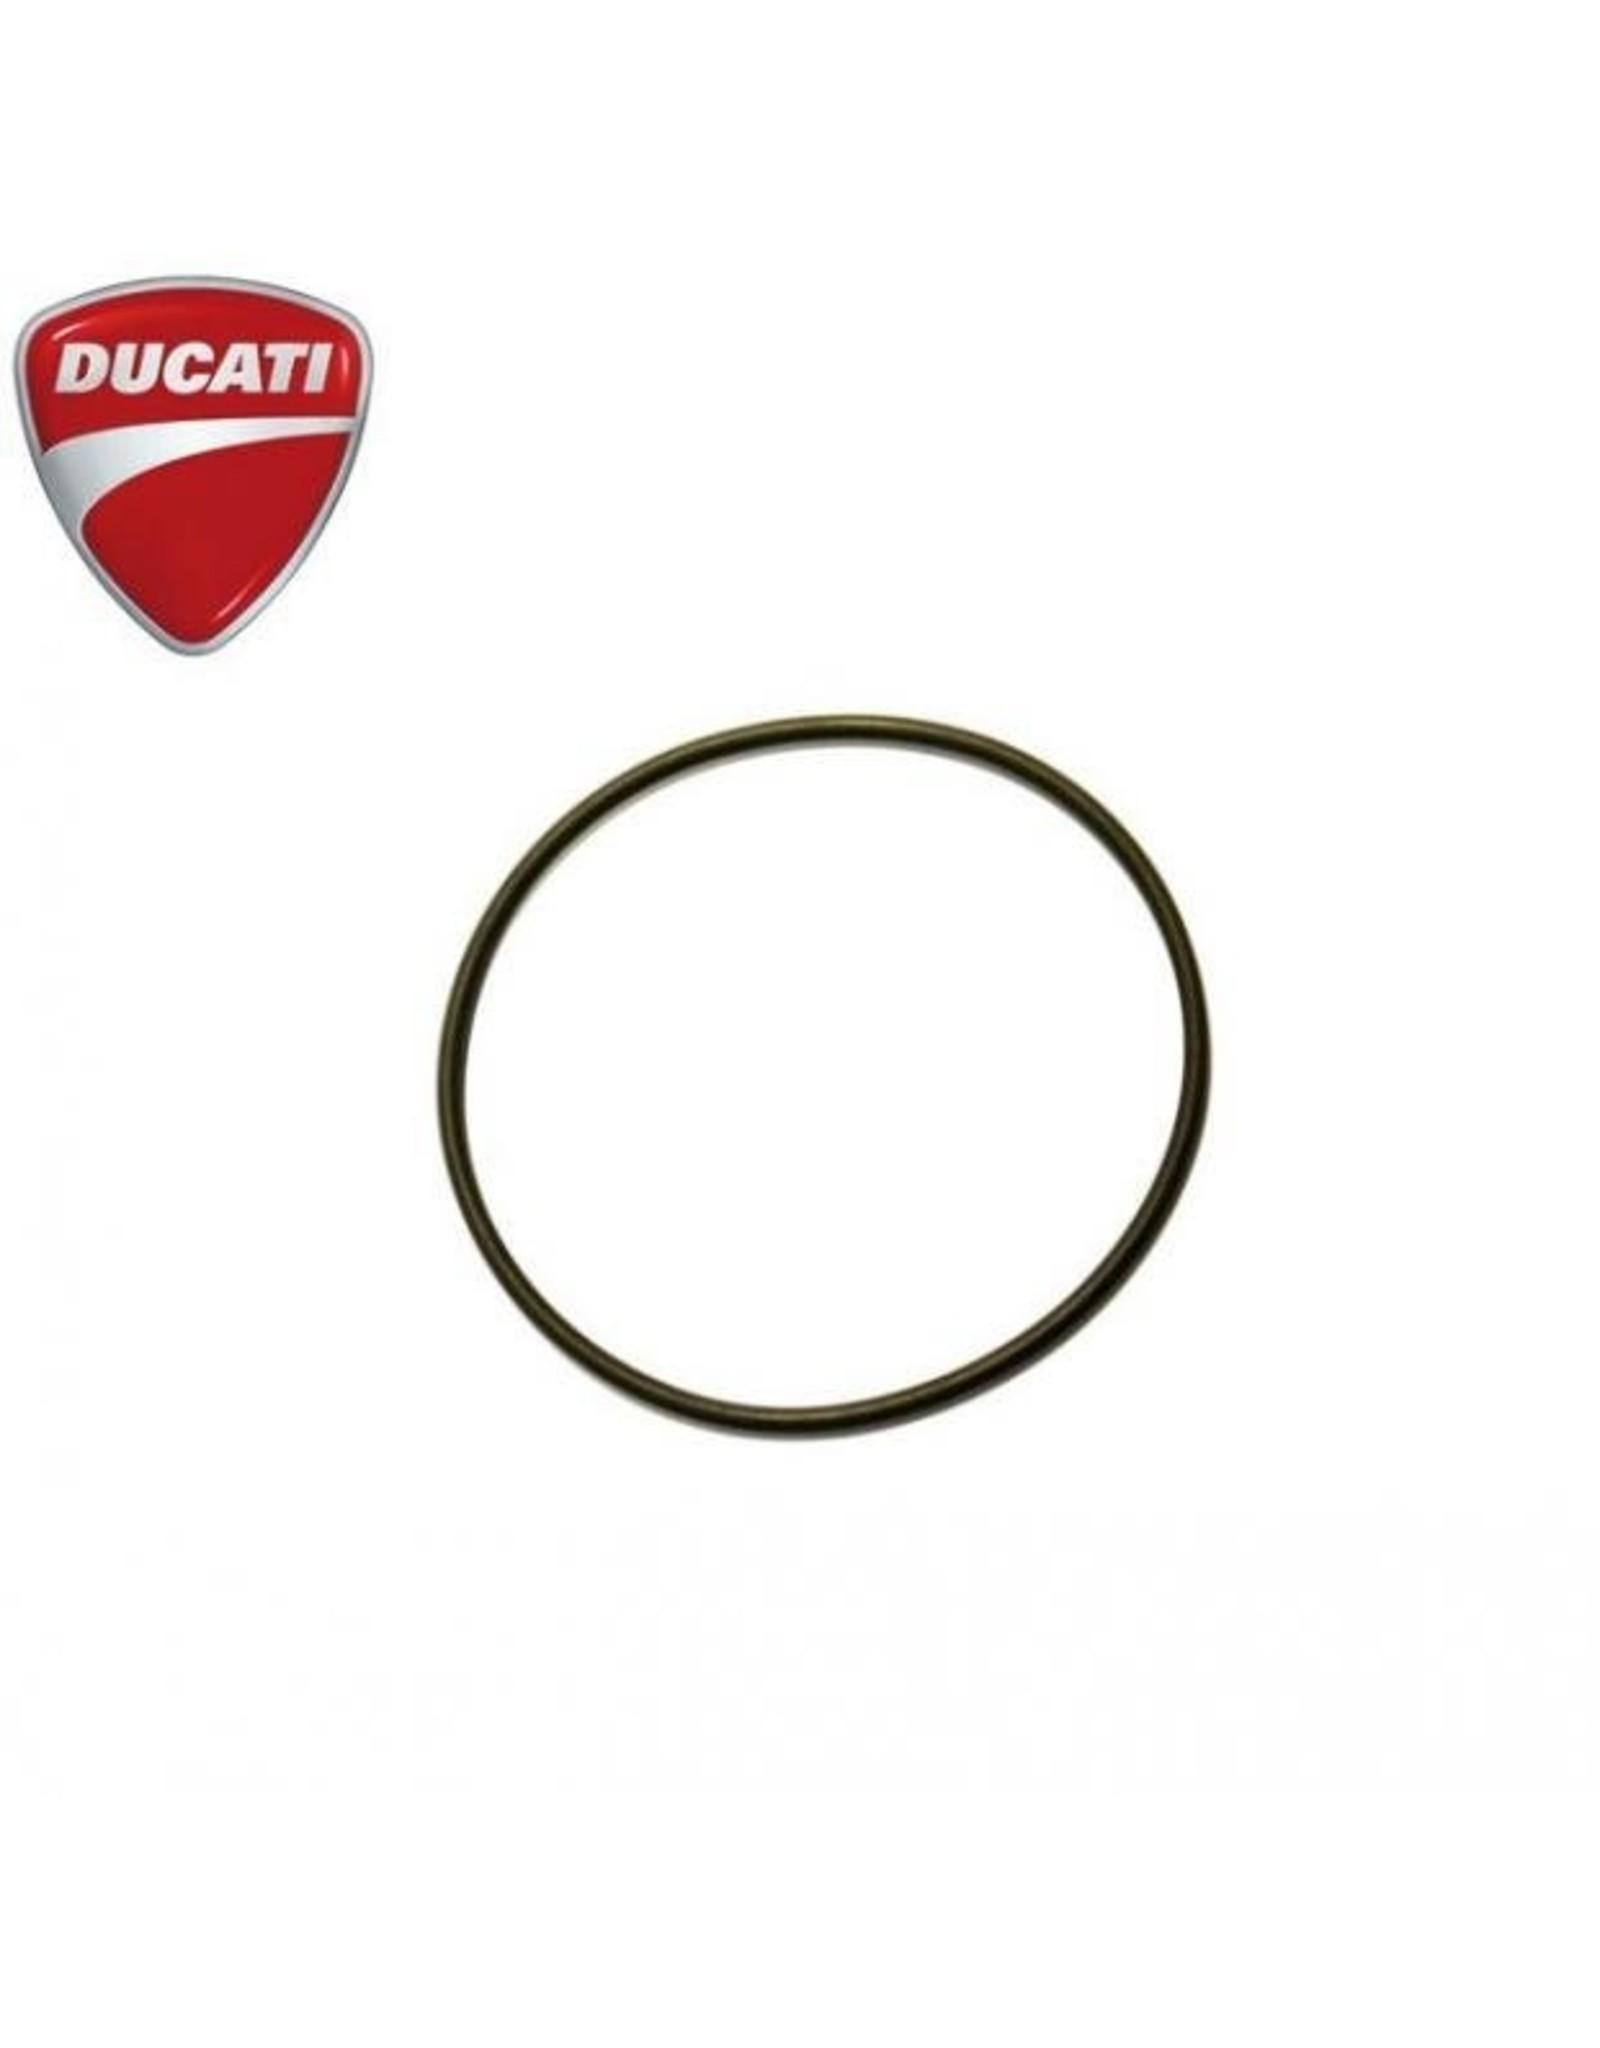 Ducati DUCATI O-RING 17.96X2.62  88640331A